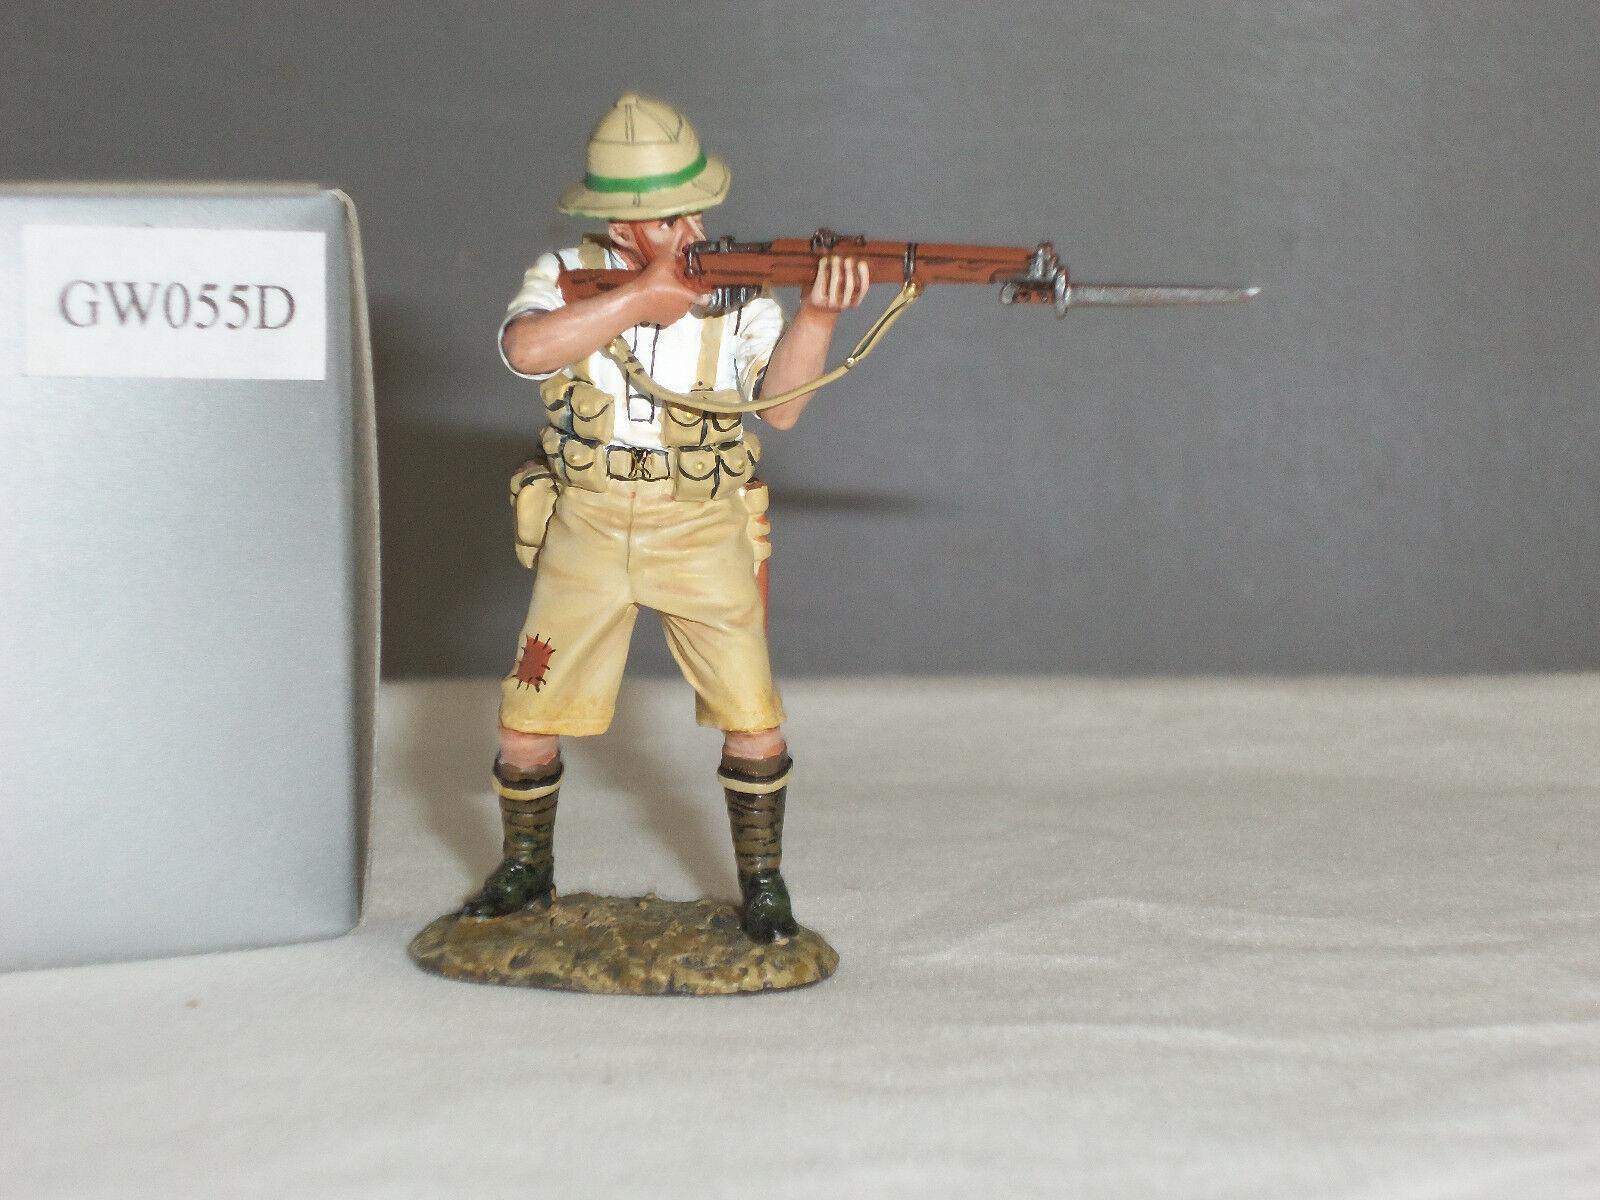 THOMAS GUNN GW055D BRITISH RIFLEMAN STANDING FIRING WORLD WAR ONE TOY SOLDIER